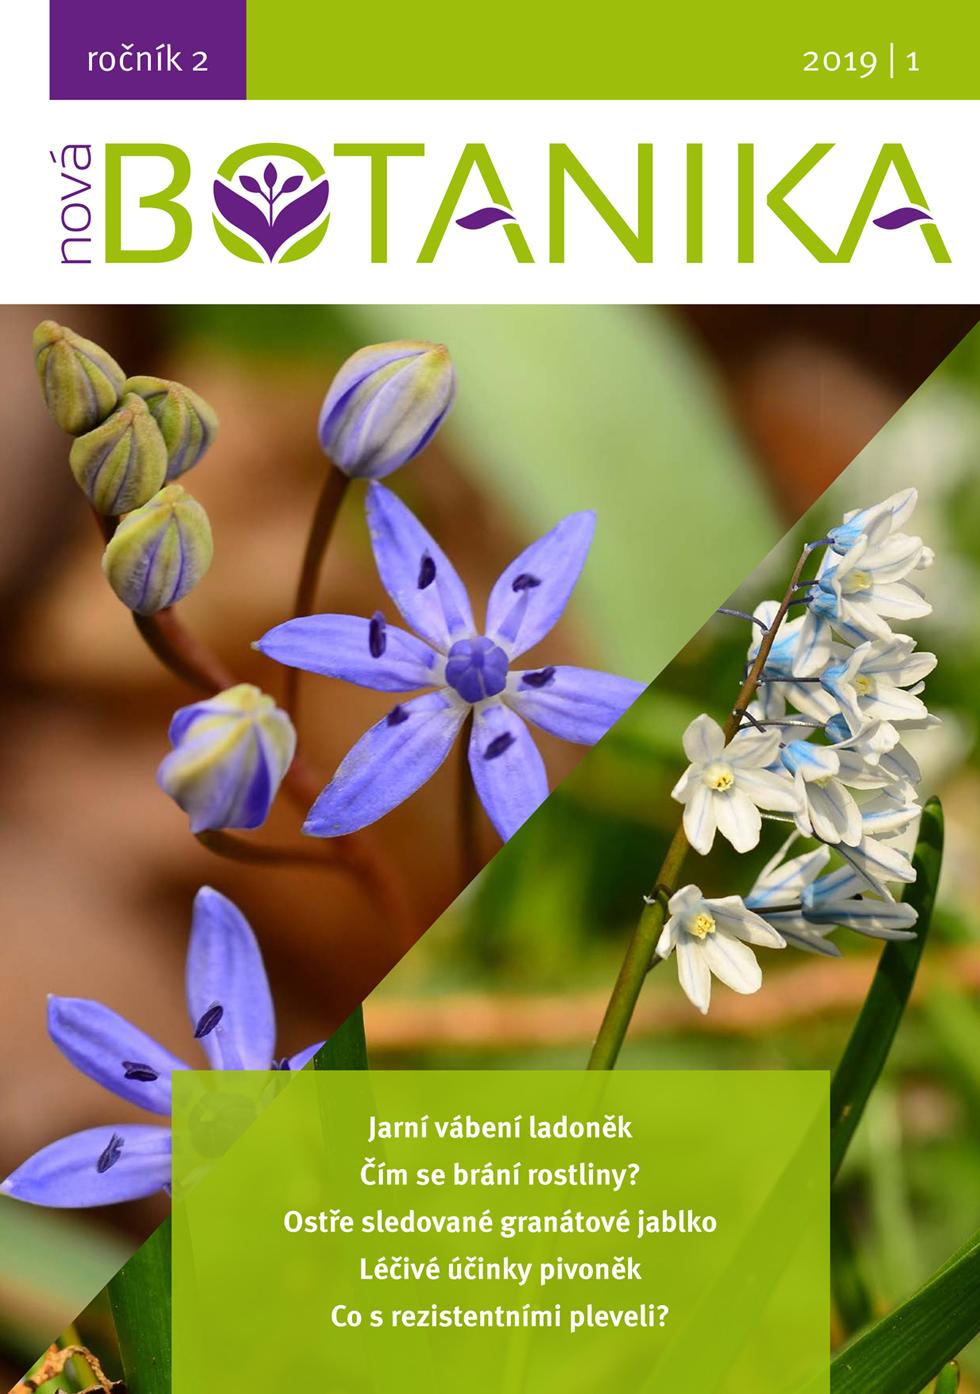 O čem si přečtete v novém čísle časopisu Nová Botanika